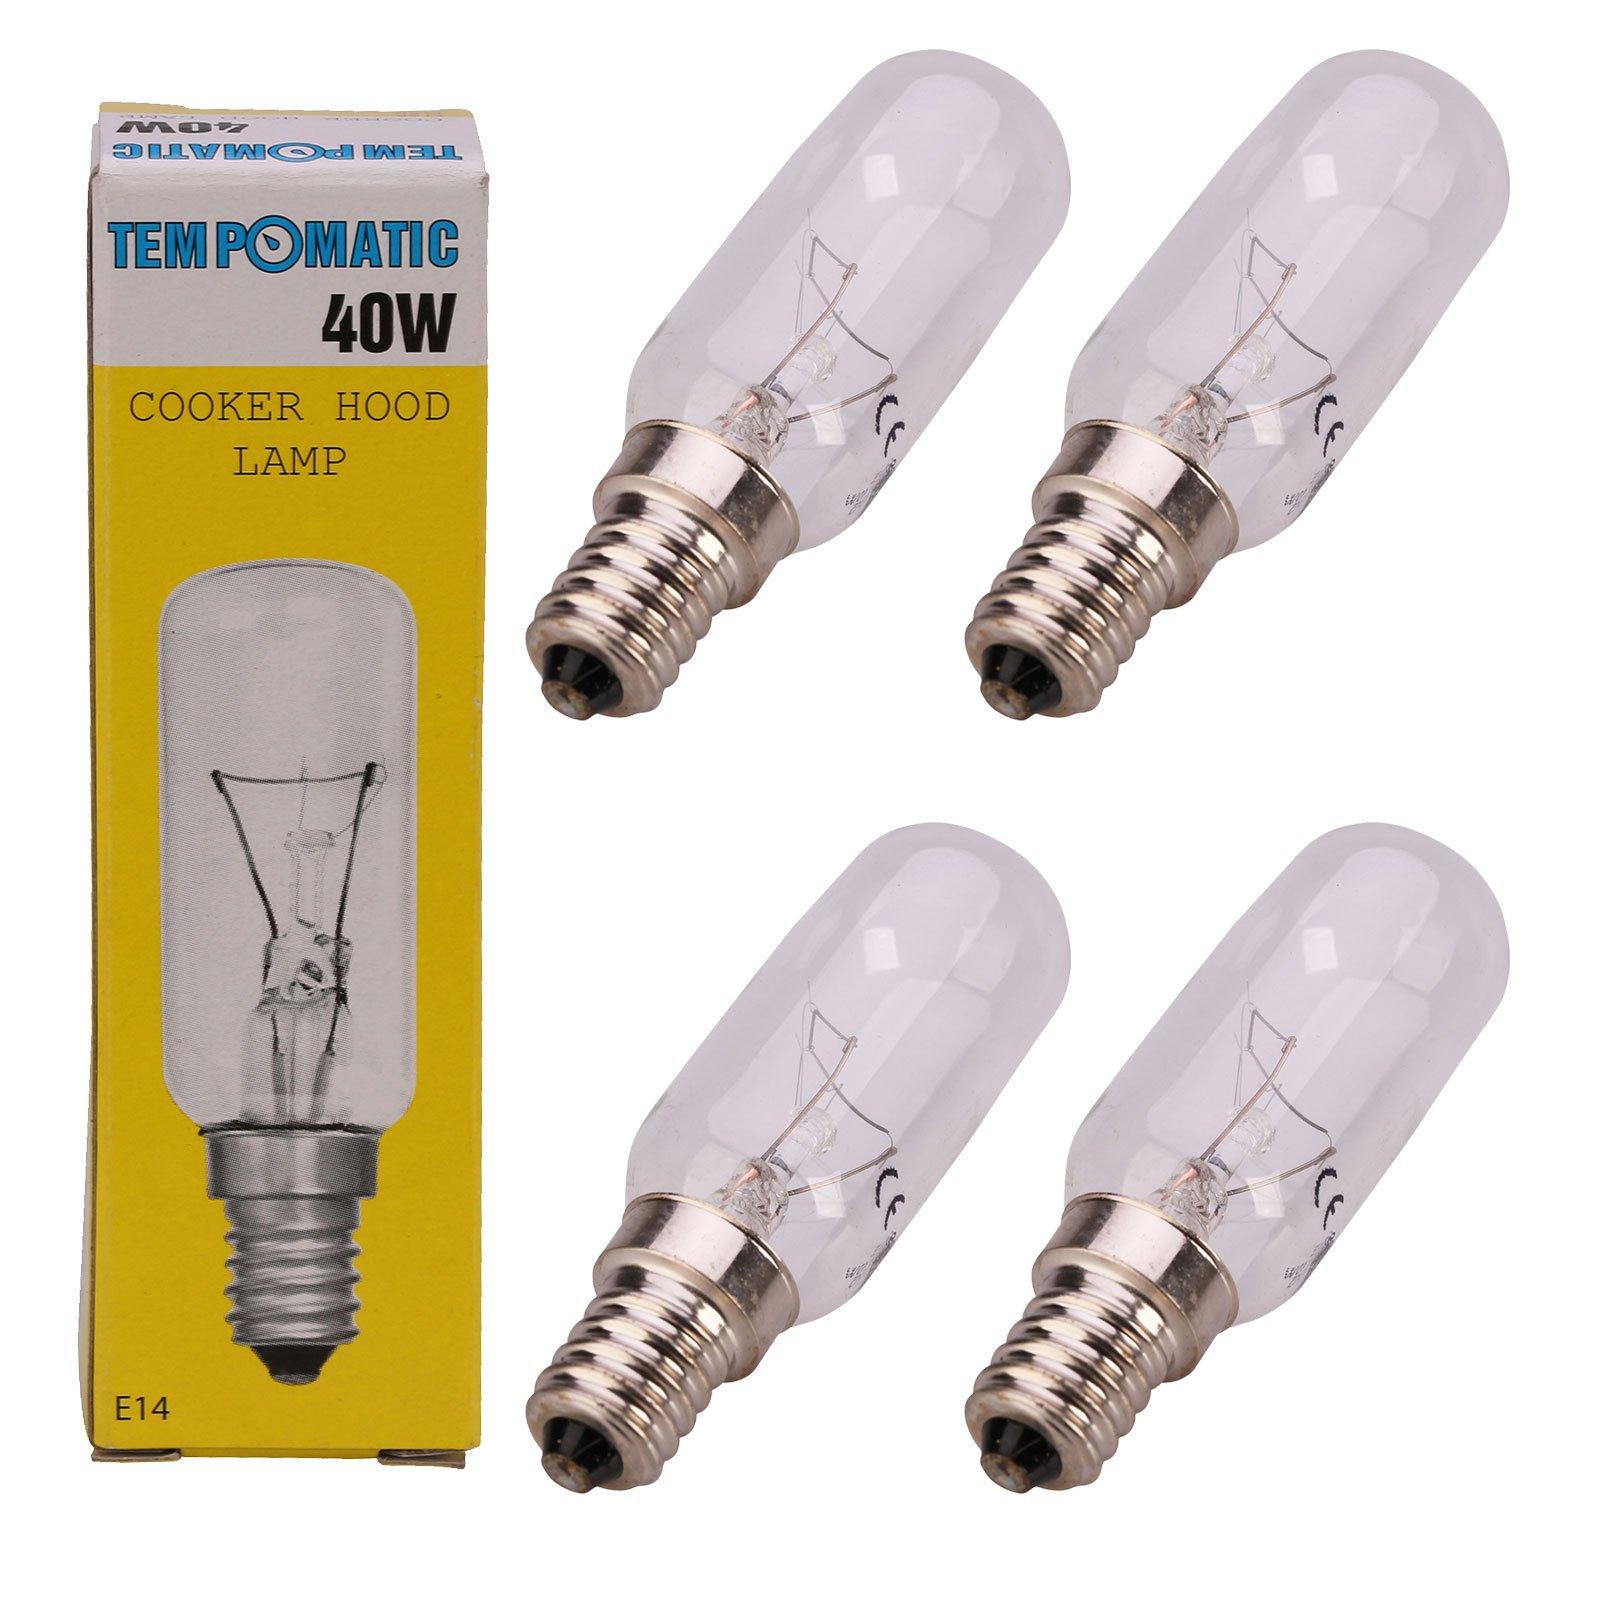 Qualtex E14 40W SES - Bombilla para campana extractora 4 unidades transparente: Amazon.es: Grandes electrodomésticos